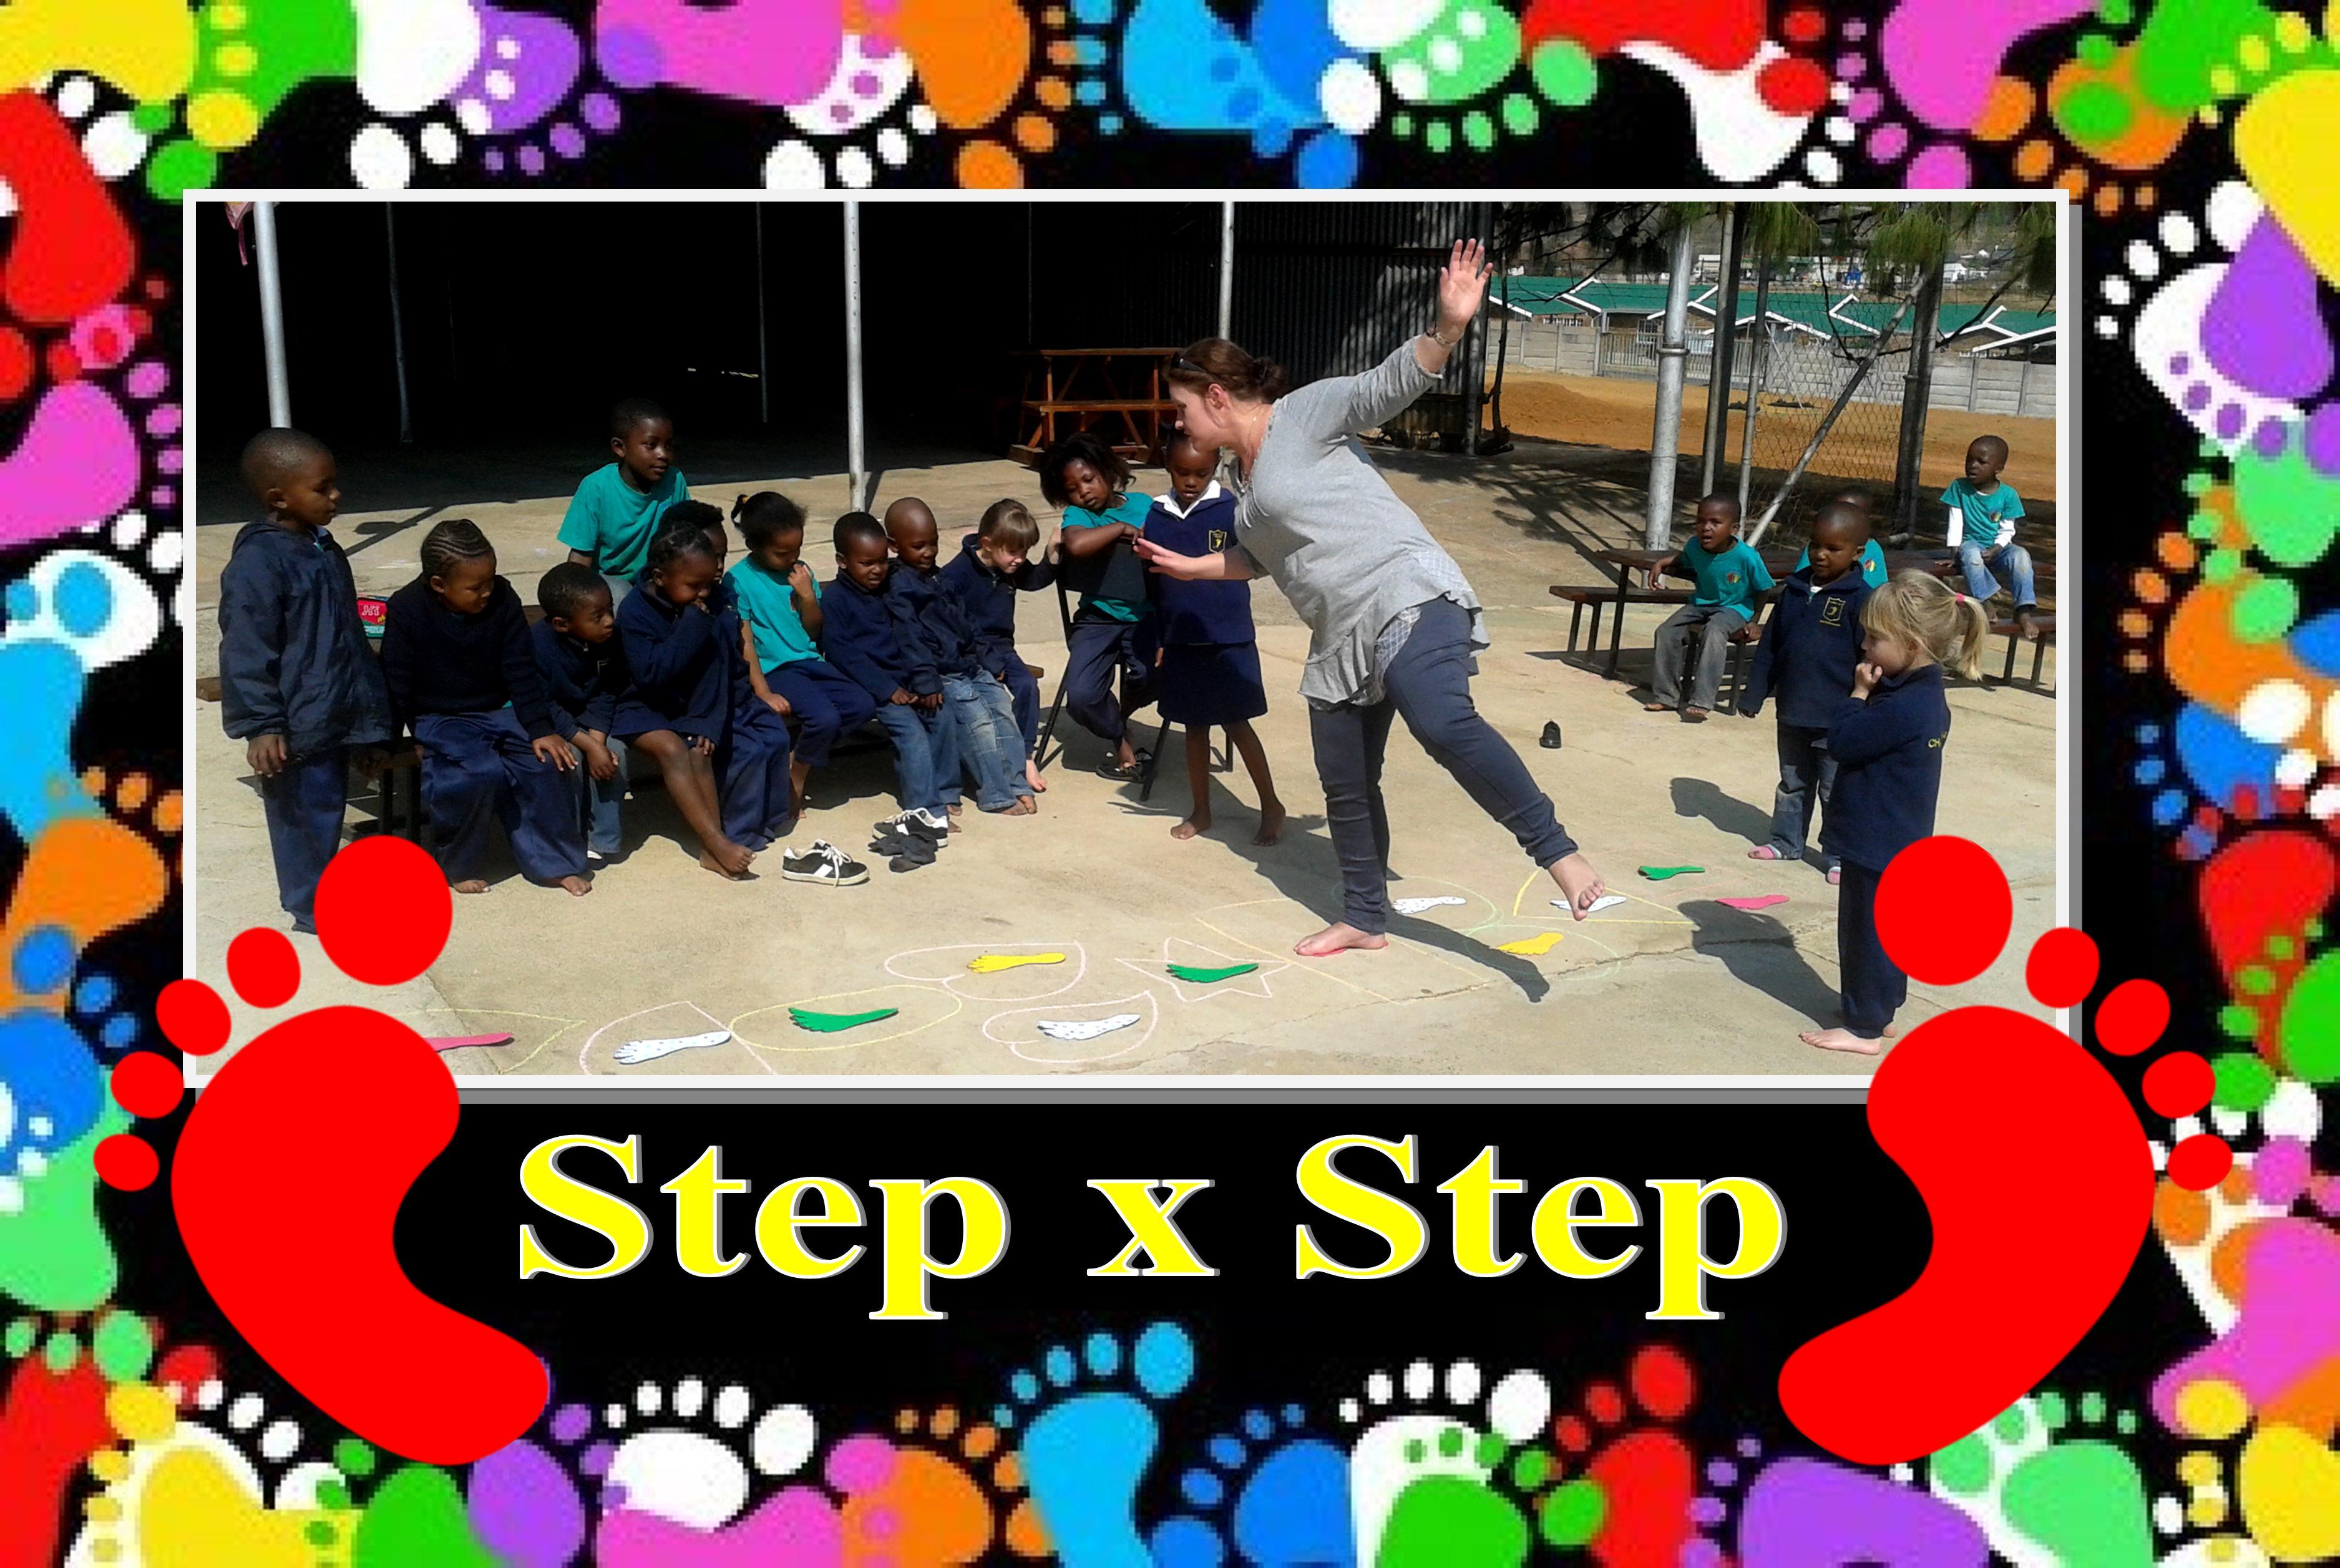 1. Step by Step